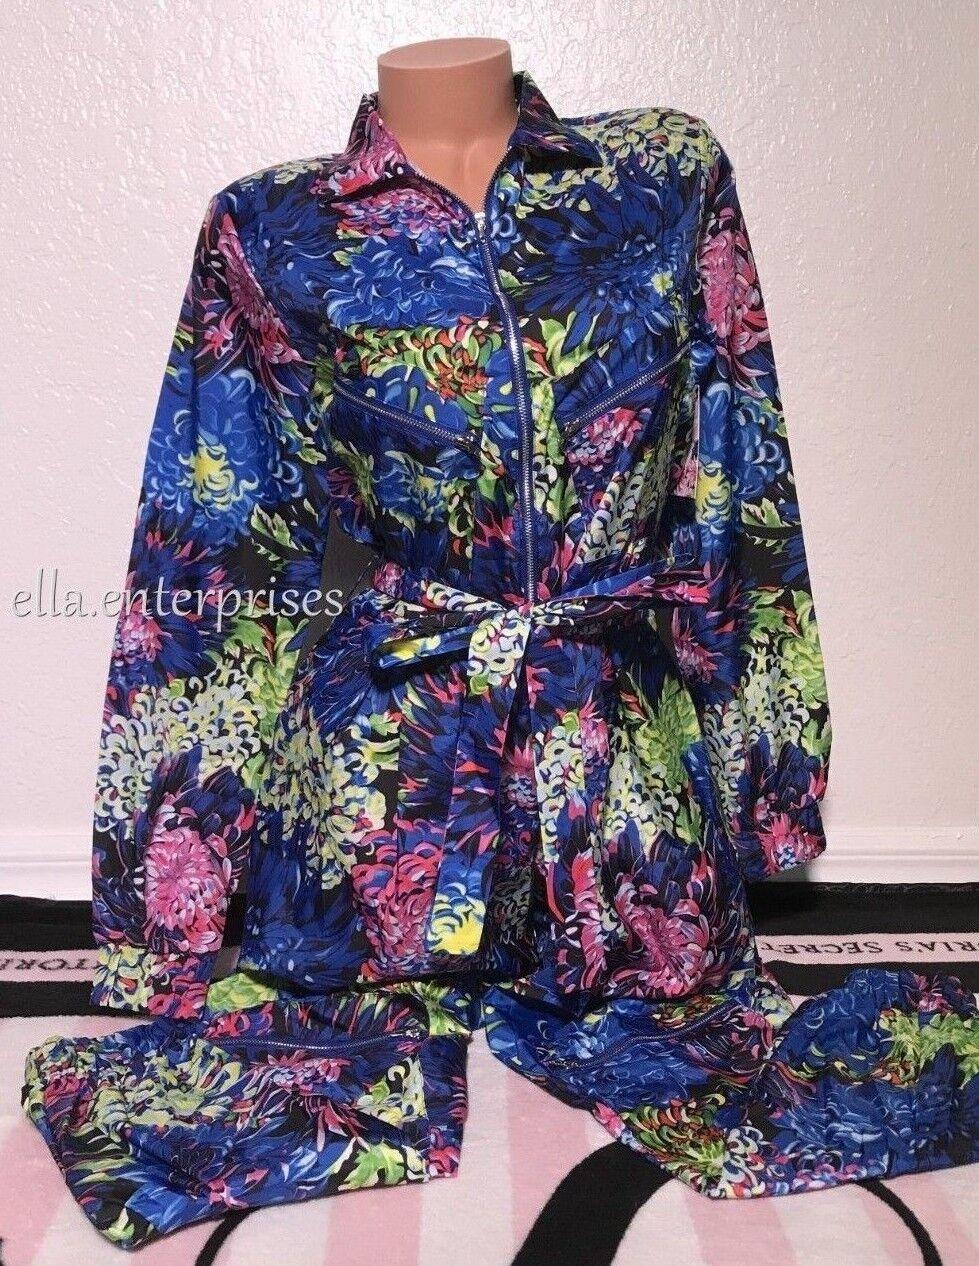 Victoria's Secret X Mary Katrantzou Jumpsuit colorful Floral One Piece - XS